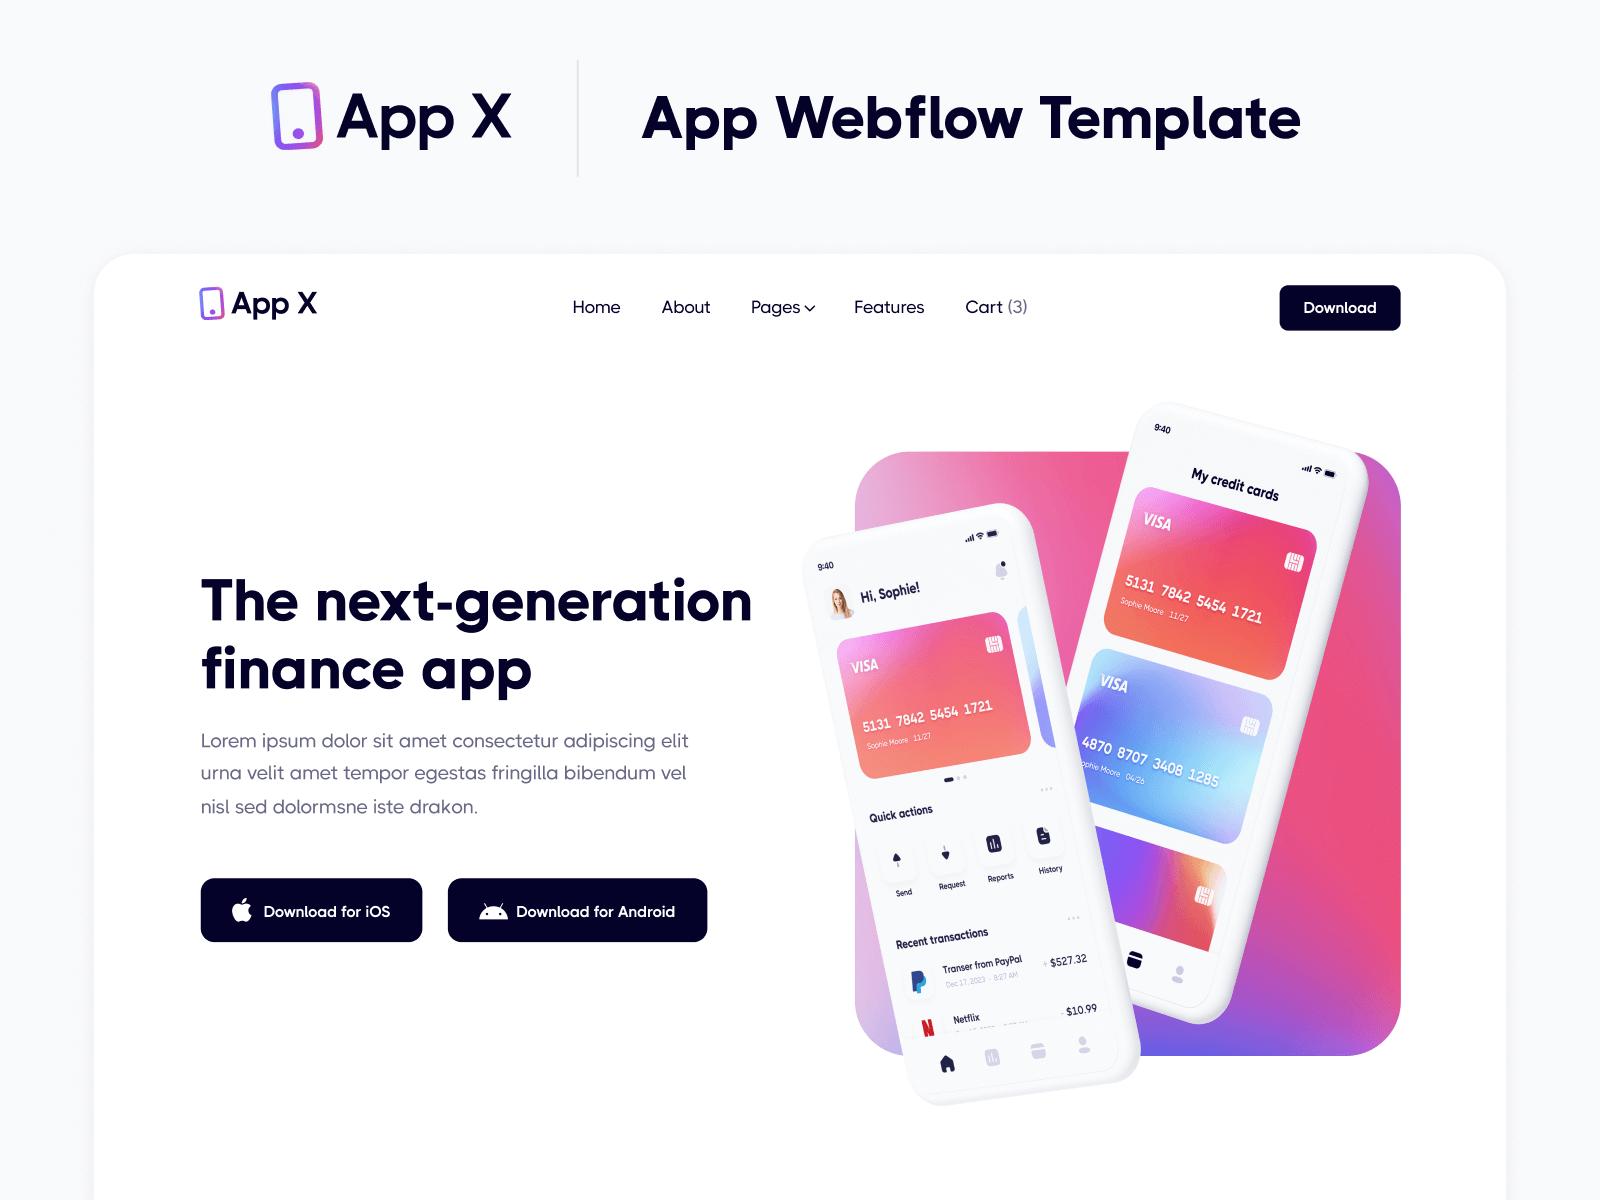 App Webflow Website Template